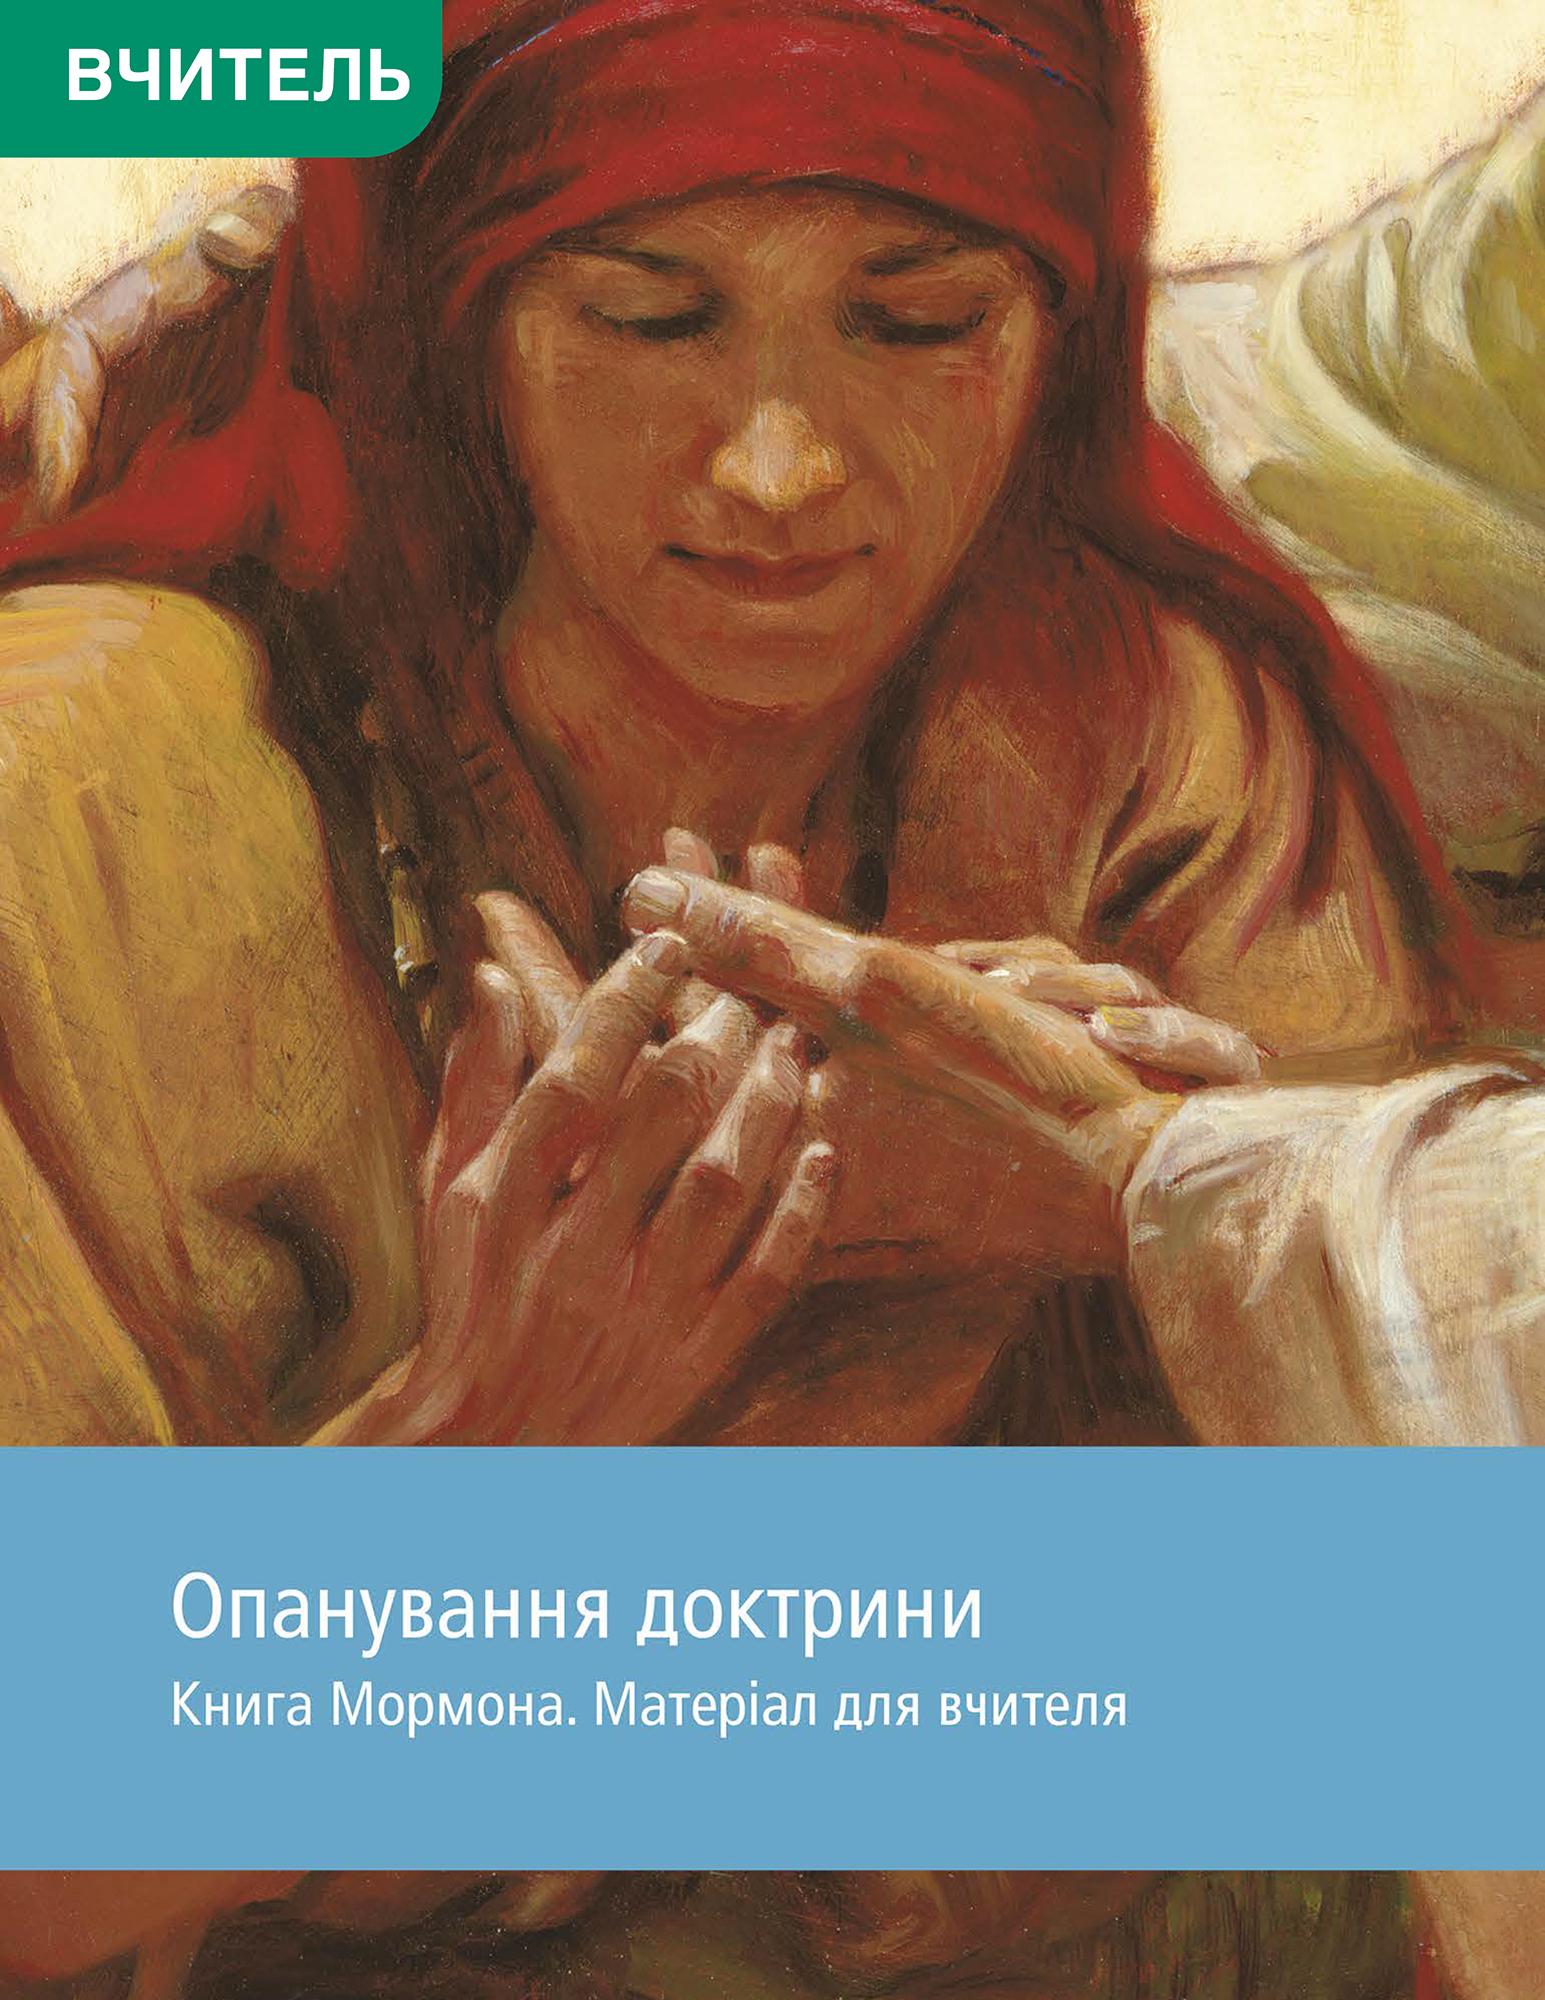 Книга Мормона. Путівник для студентів семінарії домашнього навчання